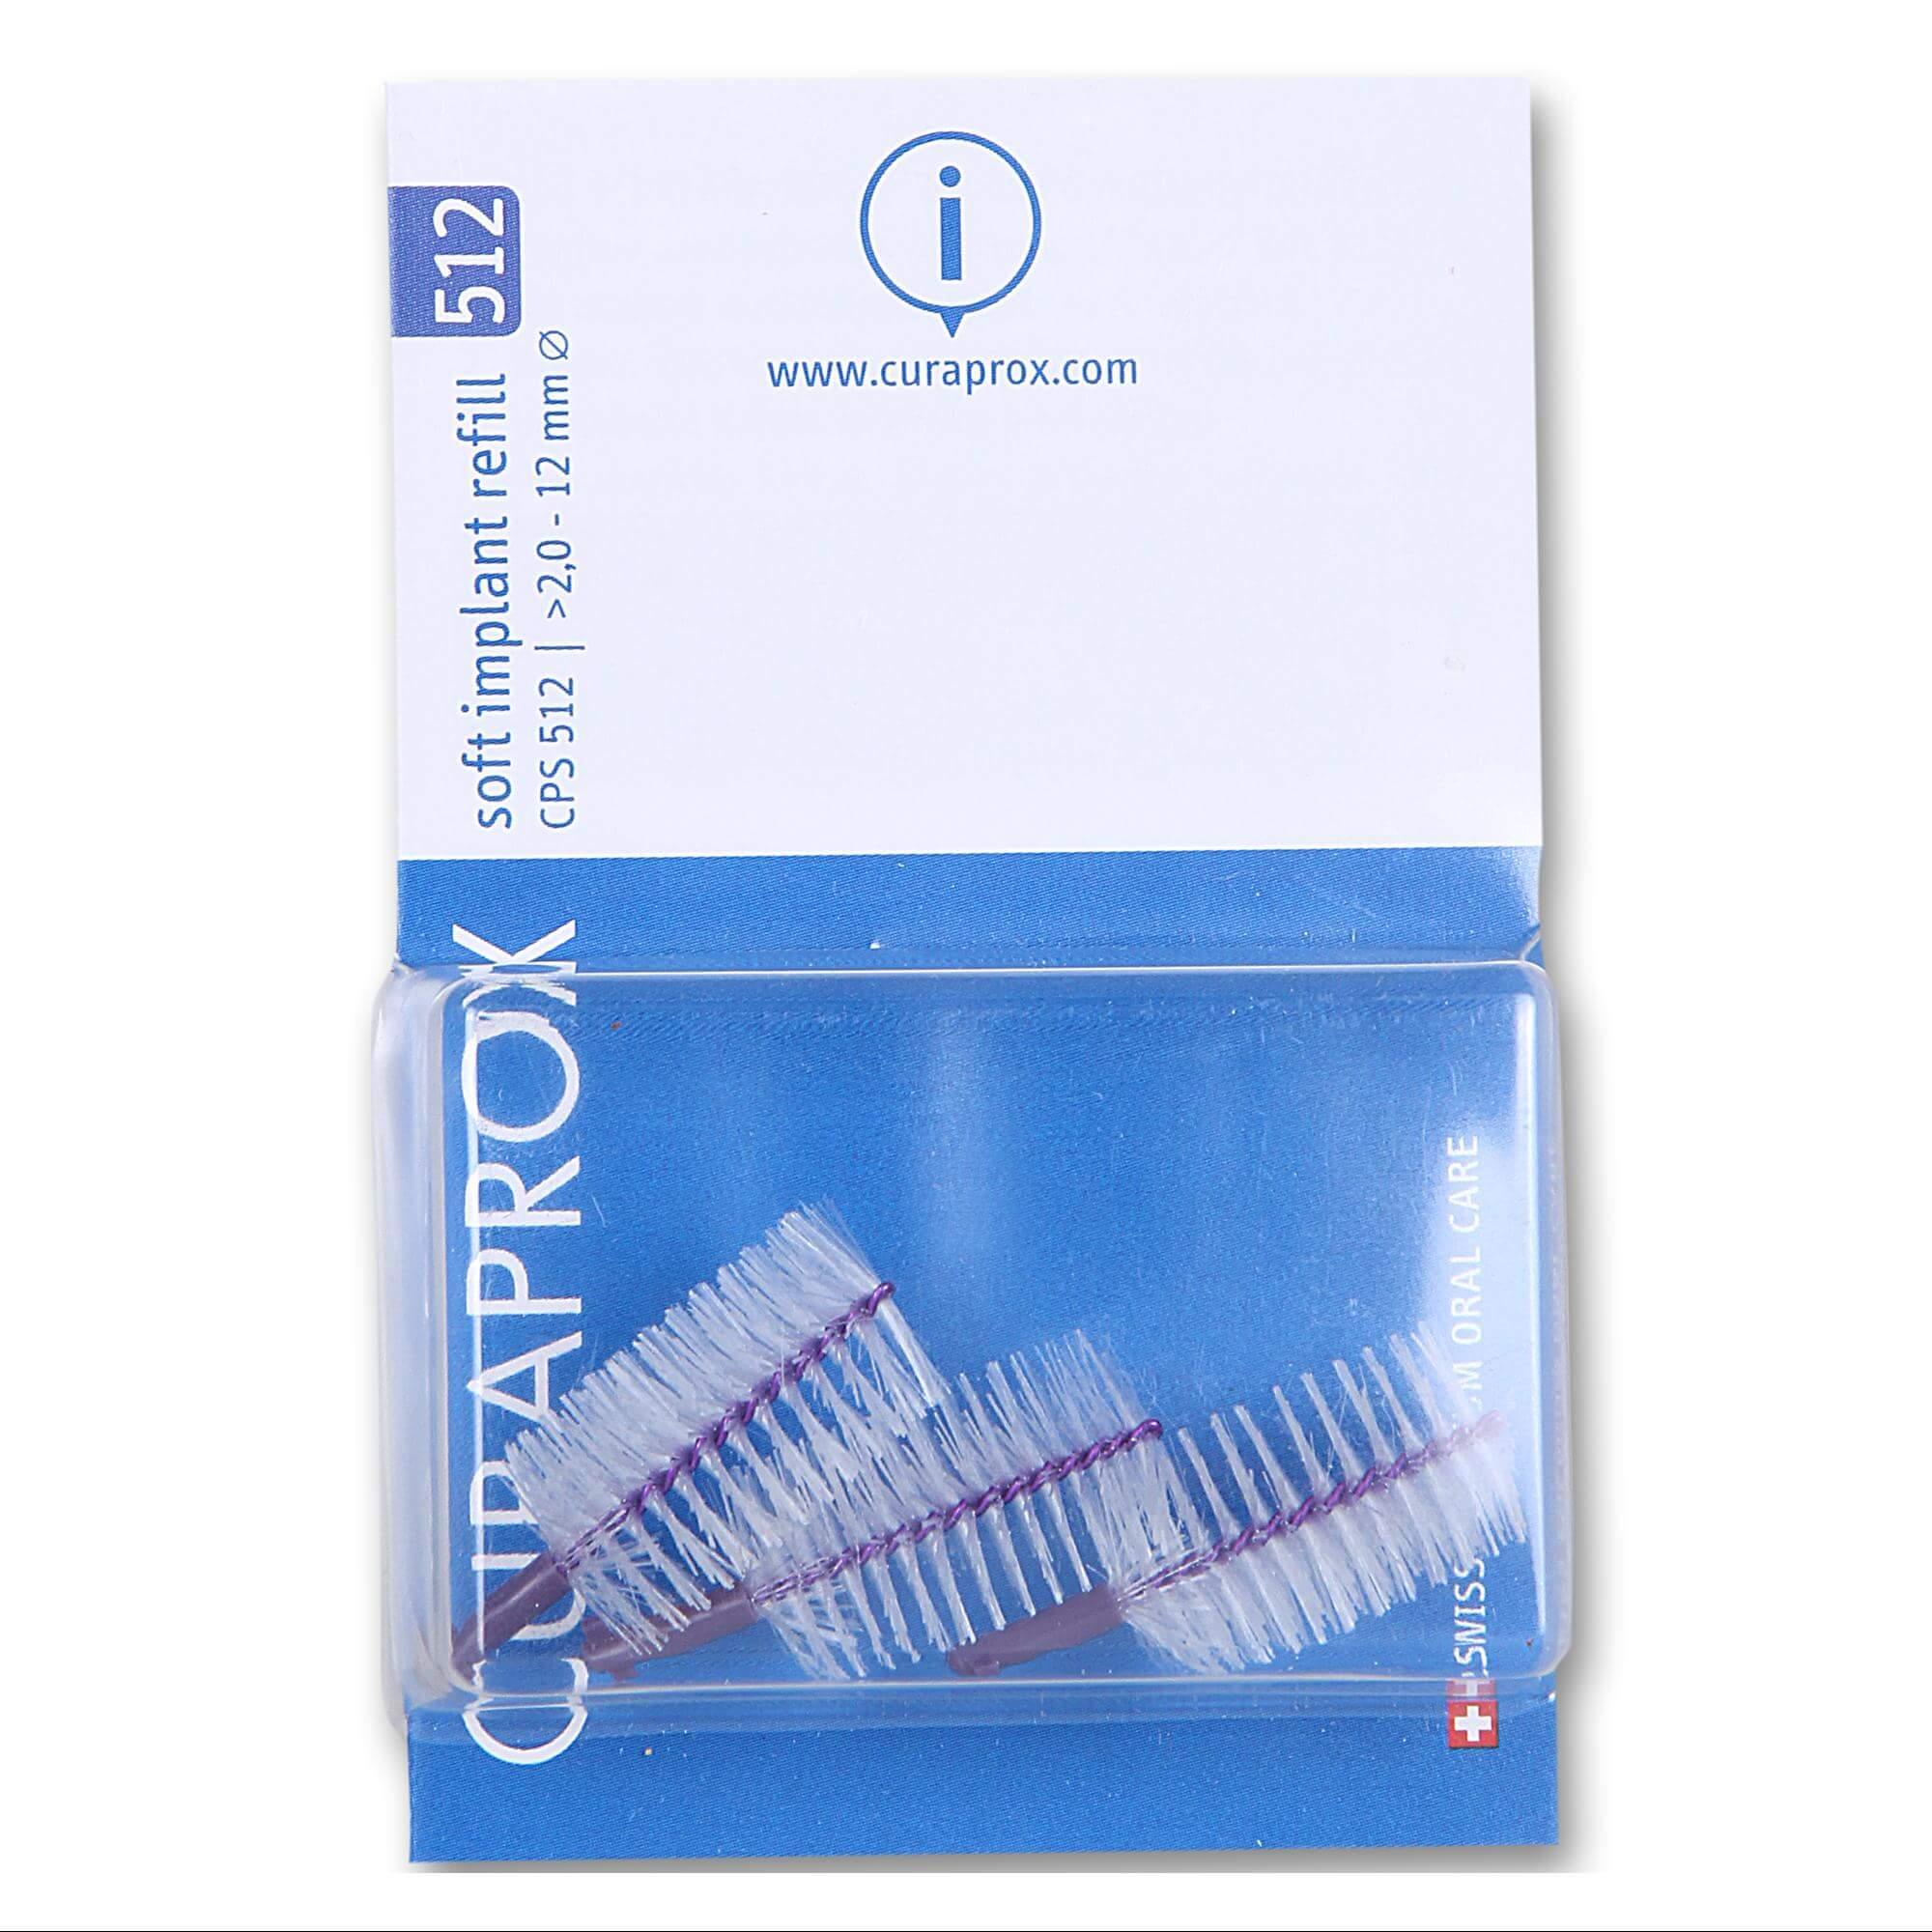 Curaprox CPS 512 Soft Implant Ανταλλακτικά για Μεσοδόντια Βουρτσάκια Εμφυτευμάτων Μωβ 3 Τεμάχια